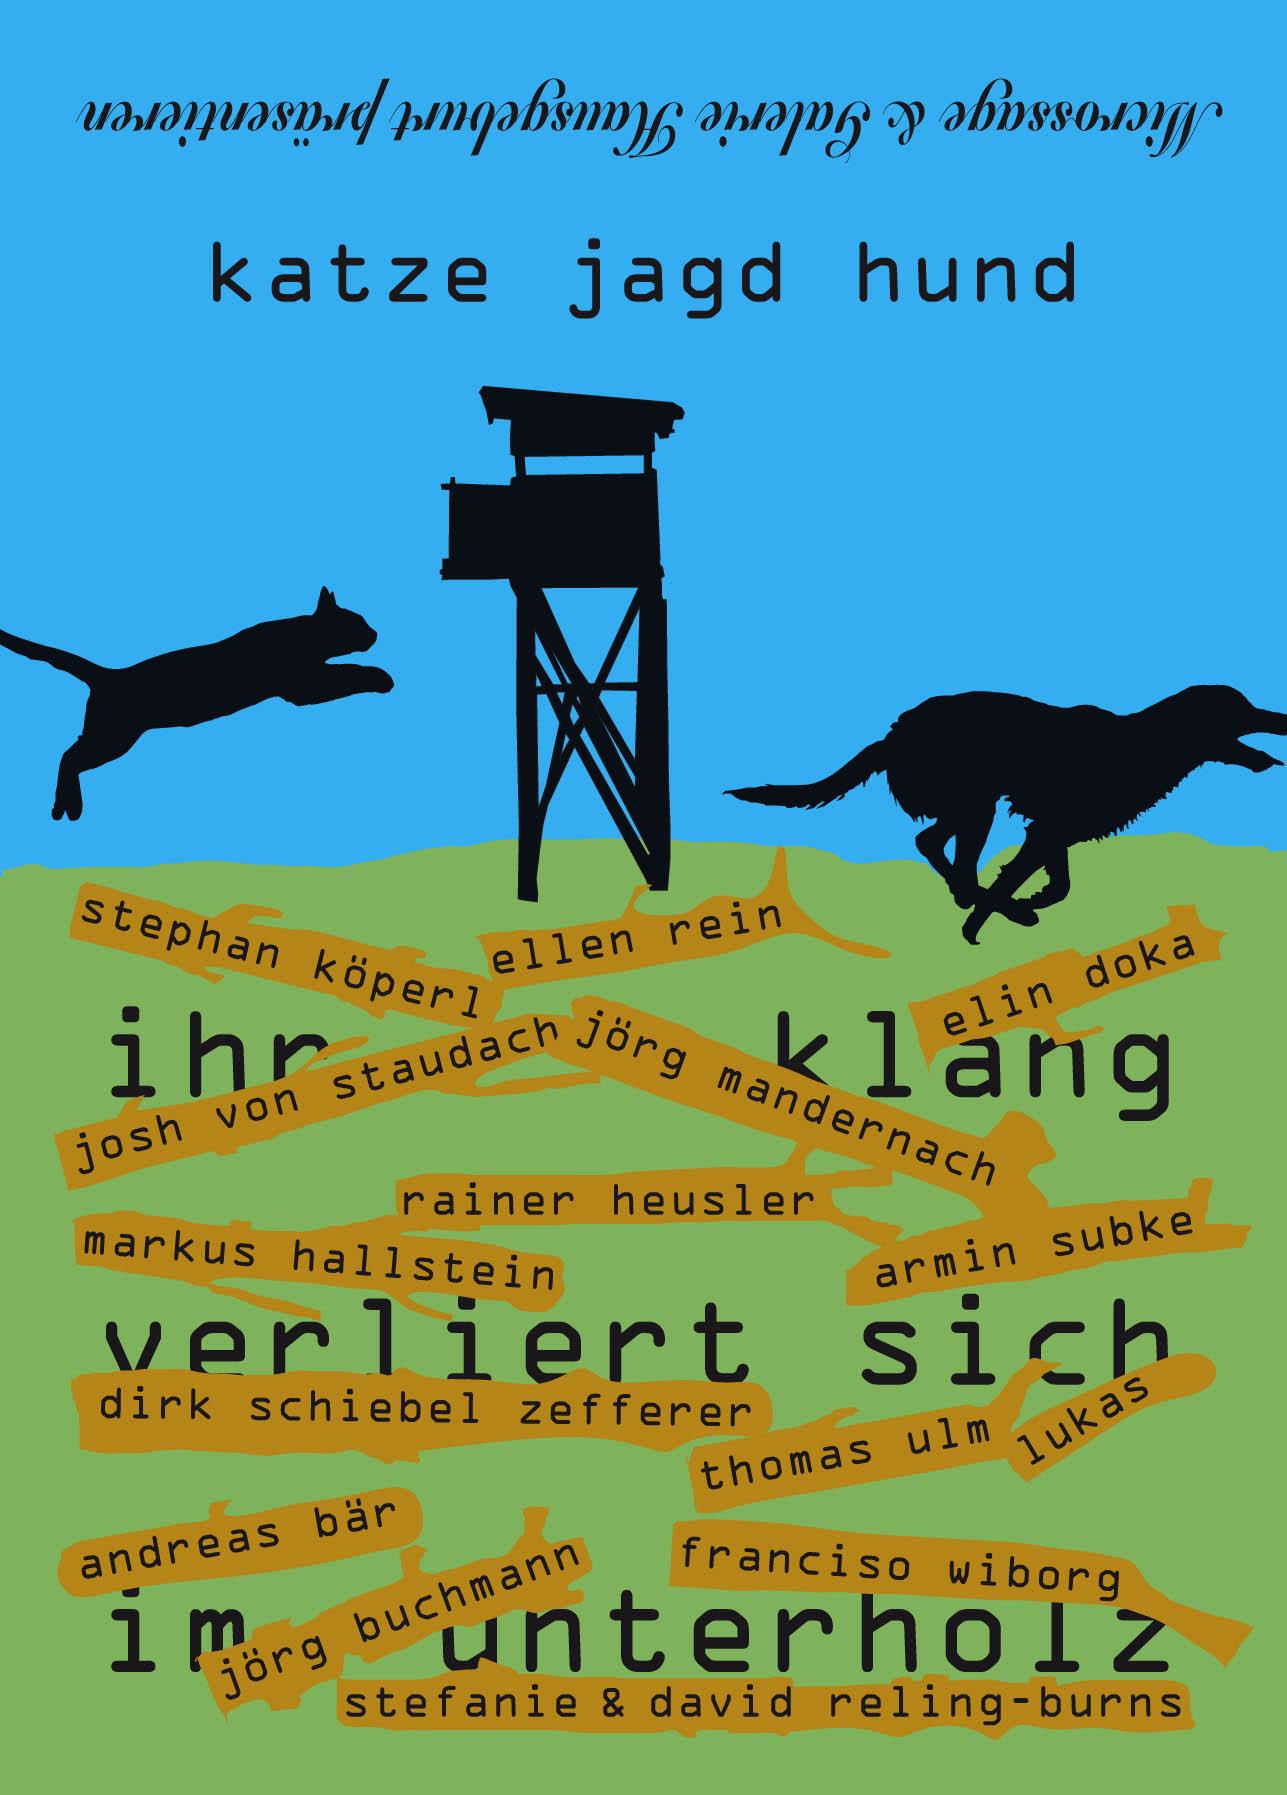 #Galerie Hausgeburt - katze jagd hund, ihr Klang verliert sich im Unterholz